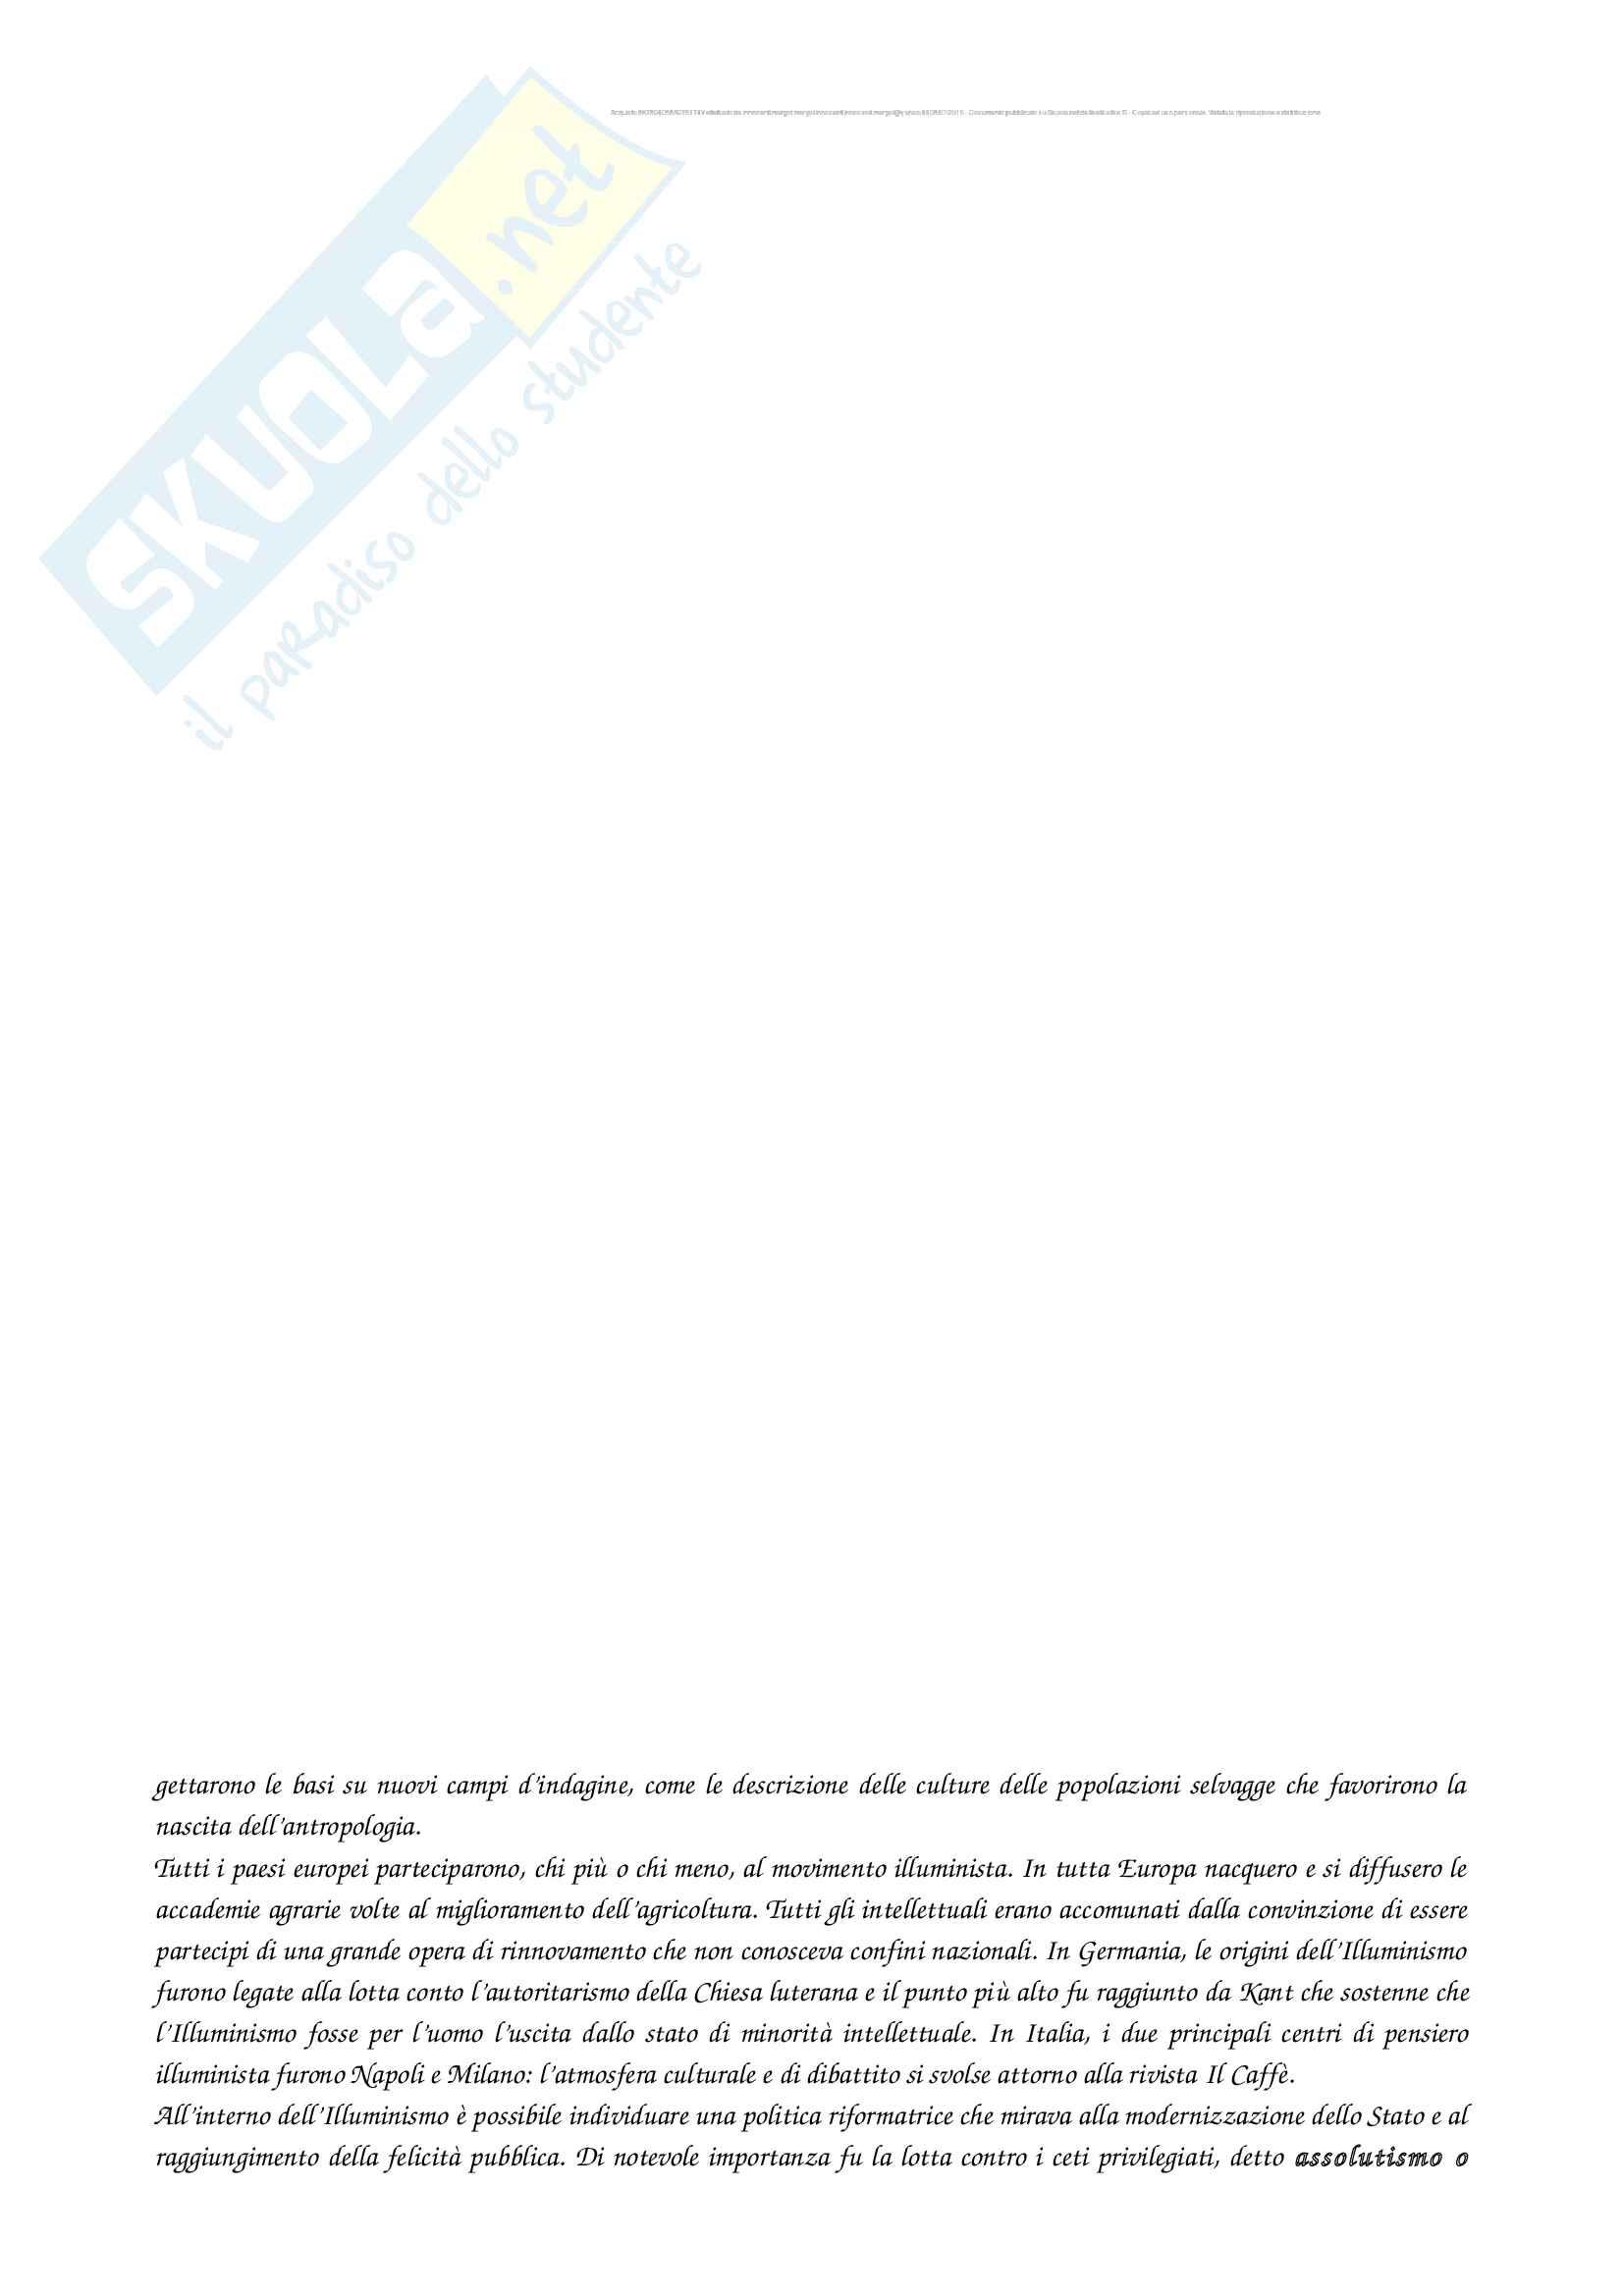 Riassunto per l'esame di Storia moderna, prof Maria Aurora Savelli, libro consigliato Storia moderna, Ago Renata, Vidotto Vittorio Pag. 36